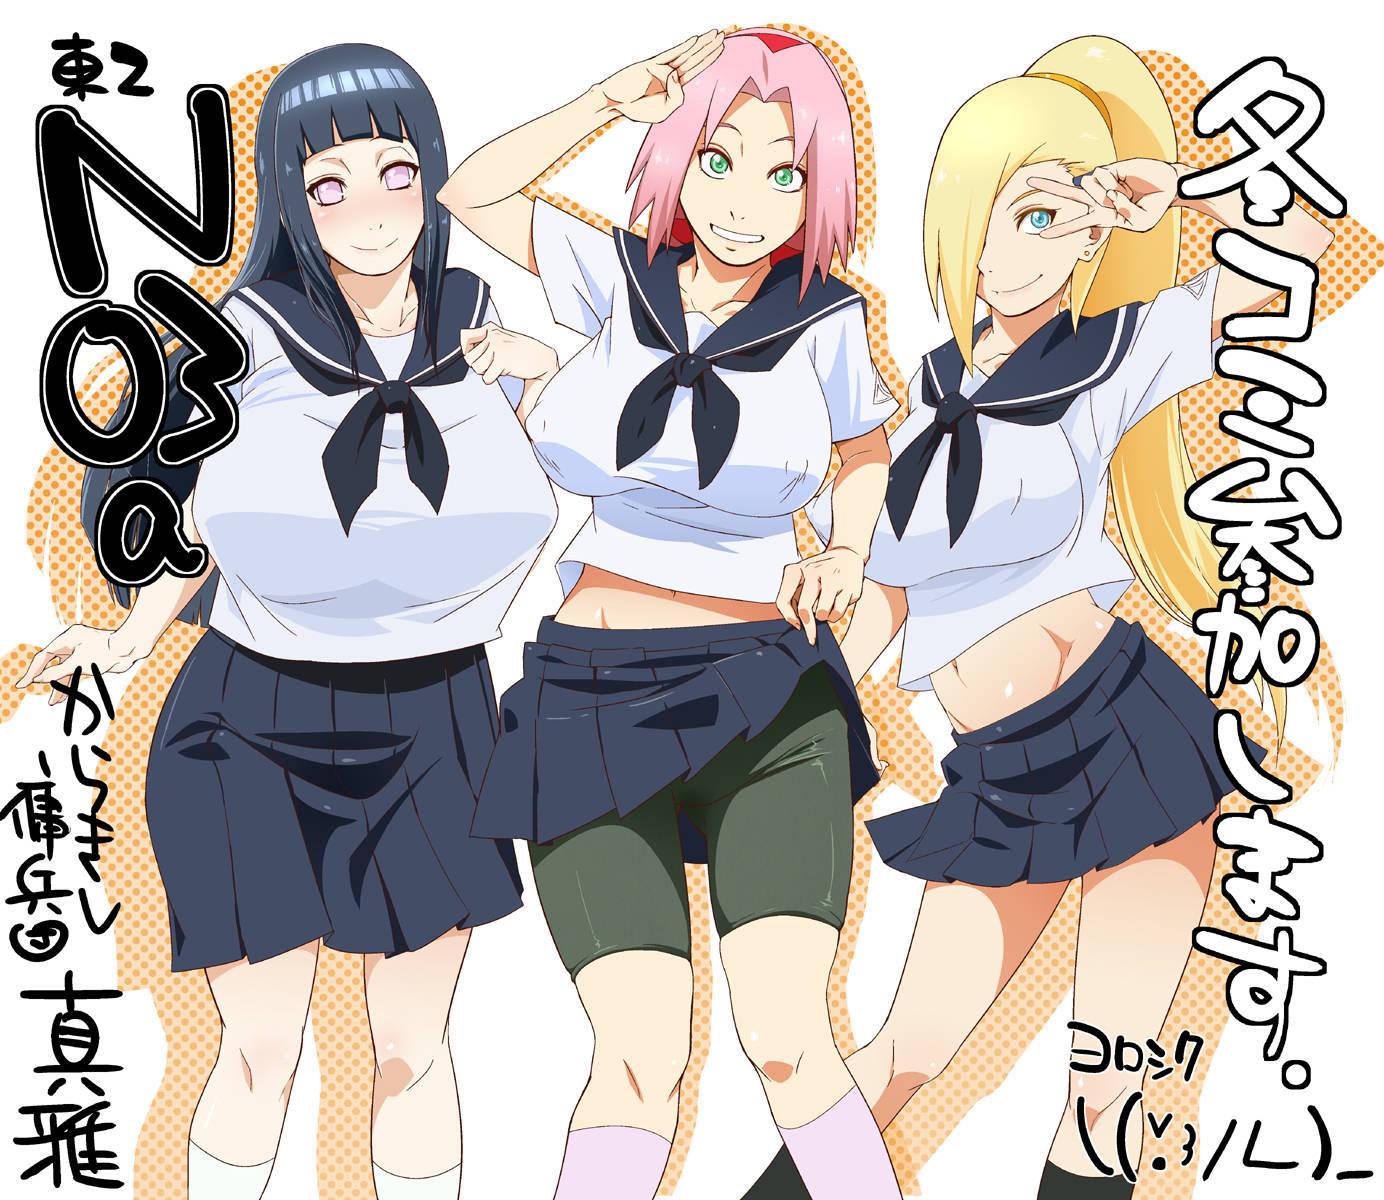 Cómic porno con Hinata, Ino Yamanaka y Sakura